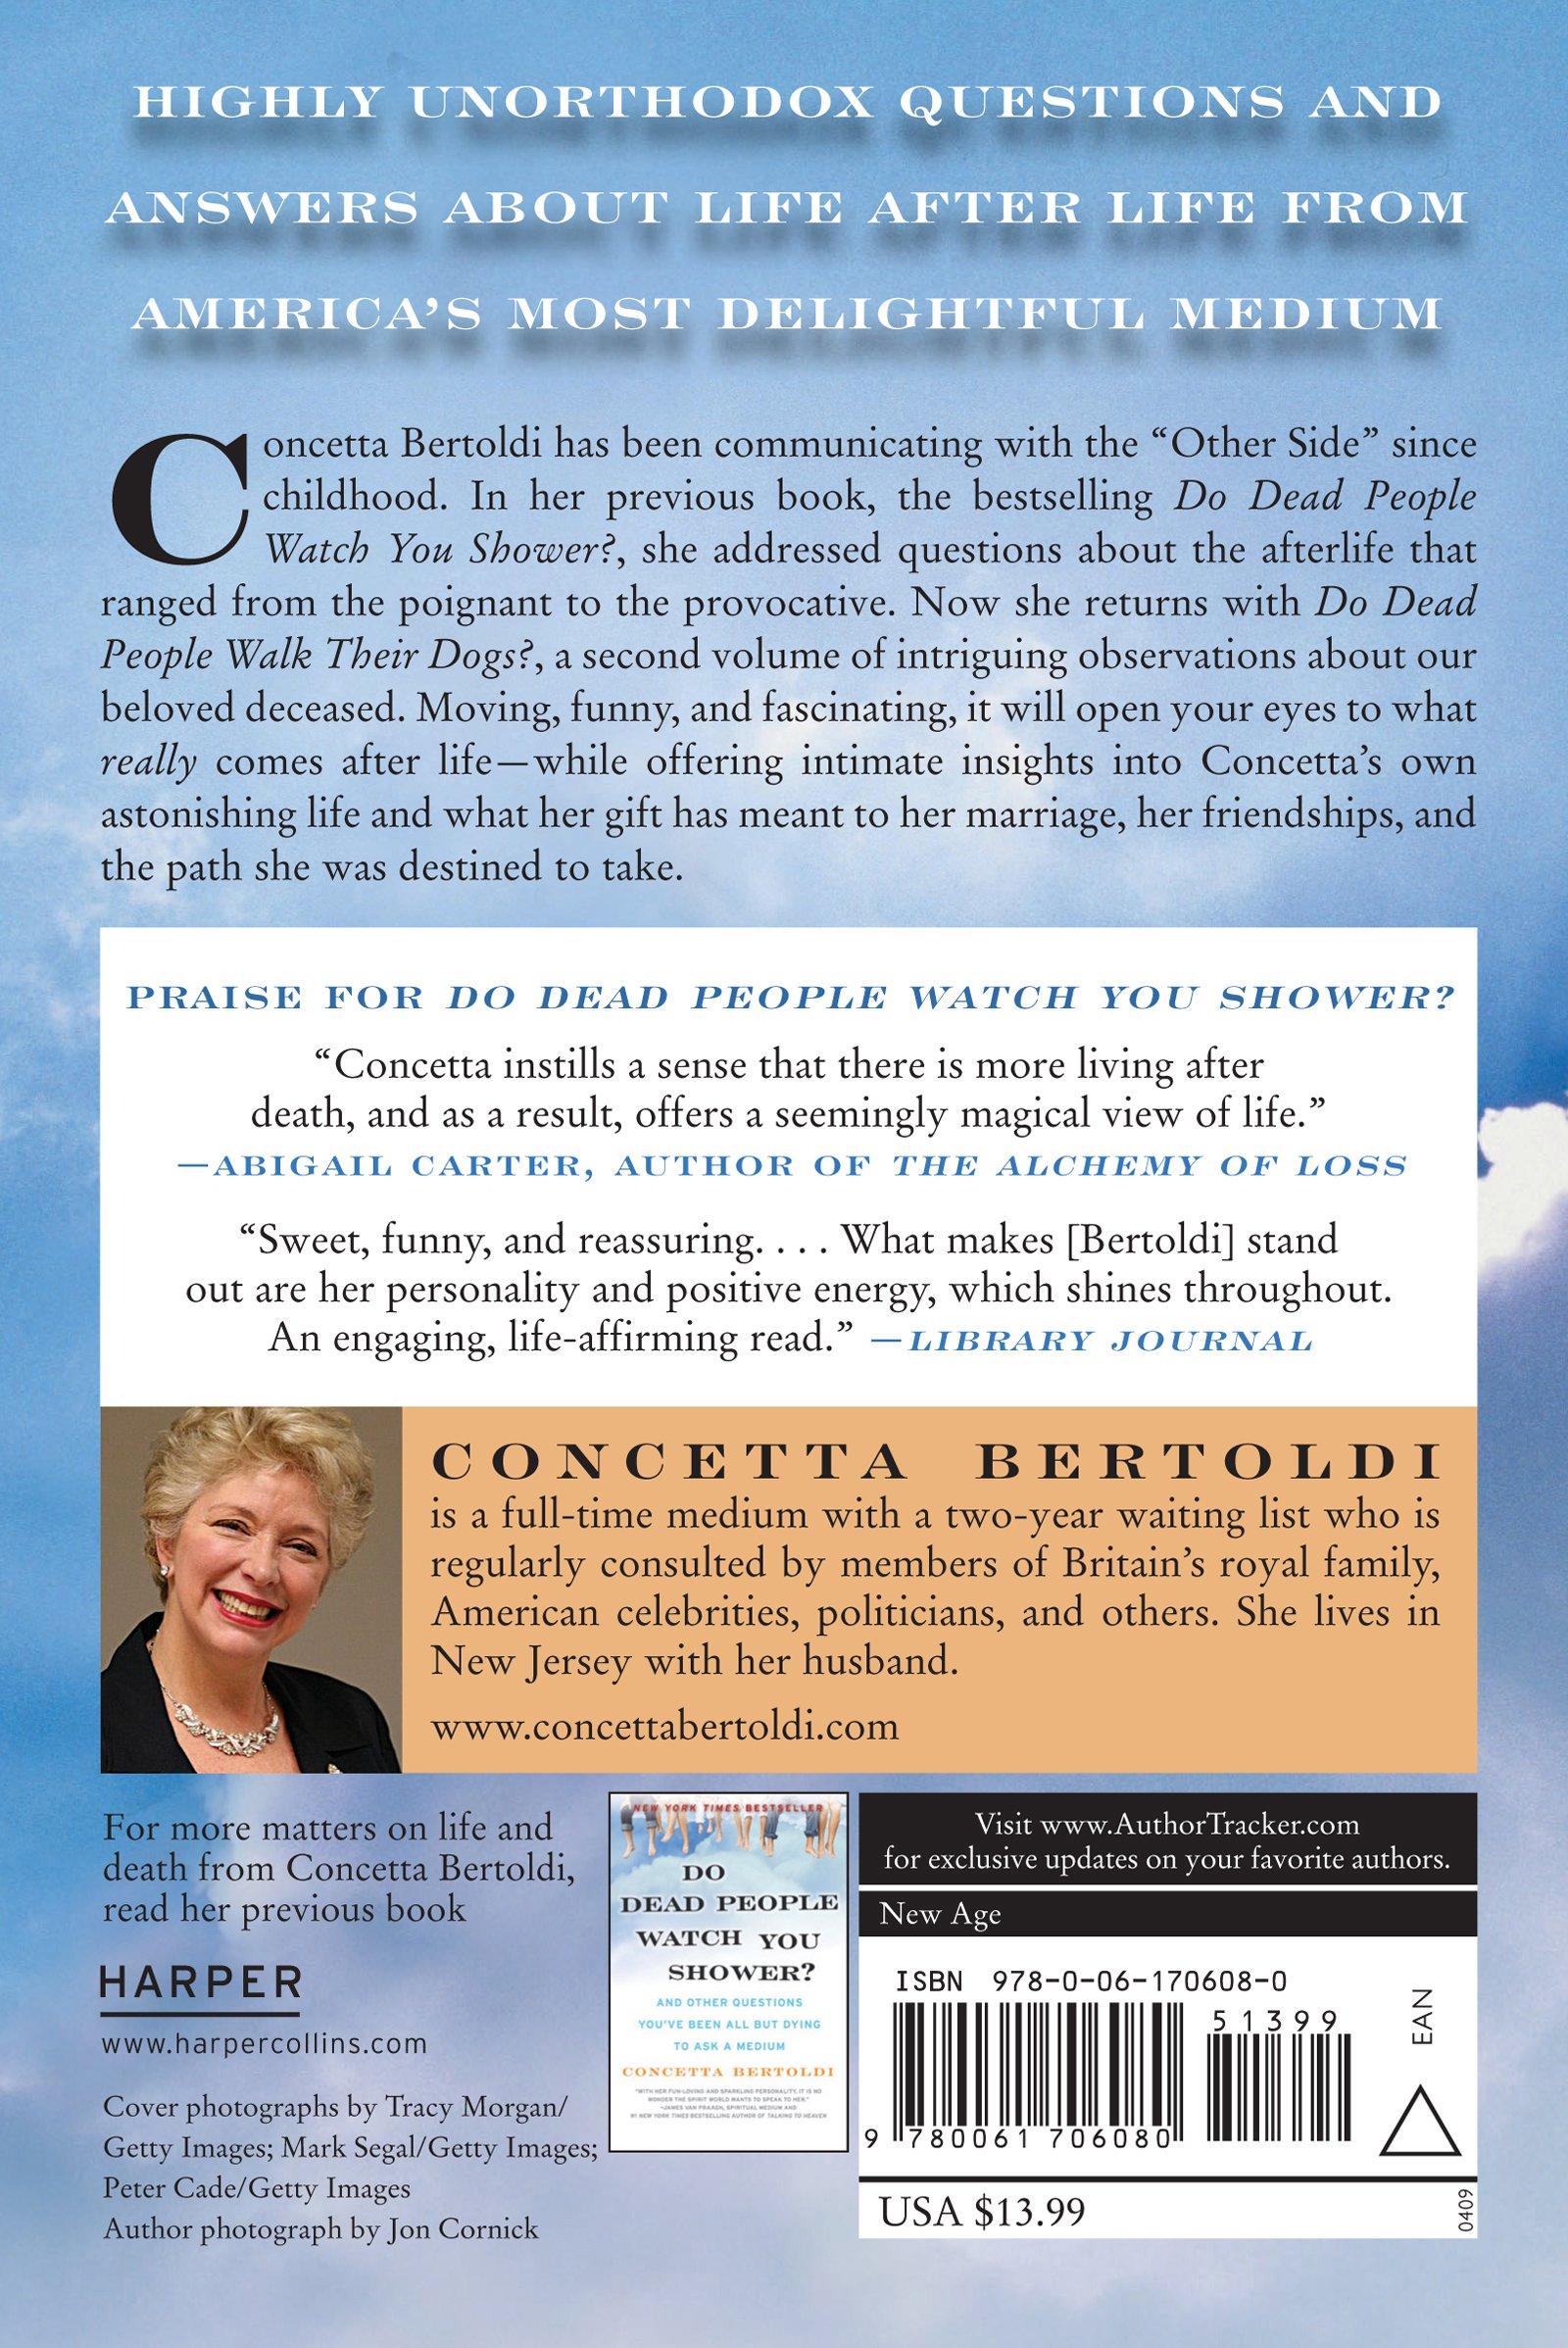 concetta bertoldi biography of william